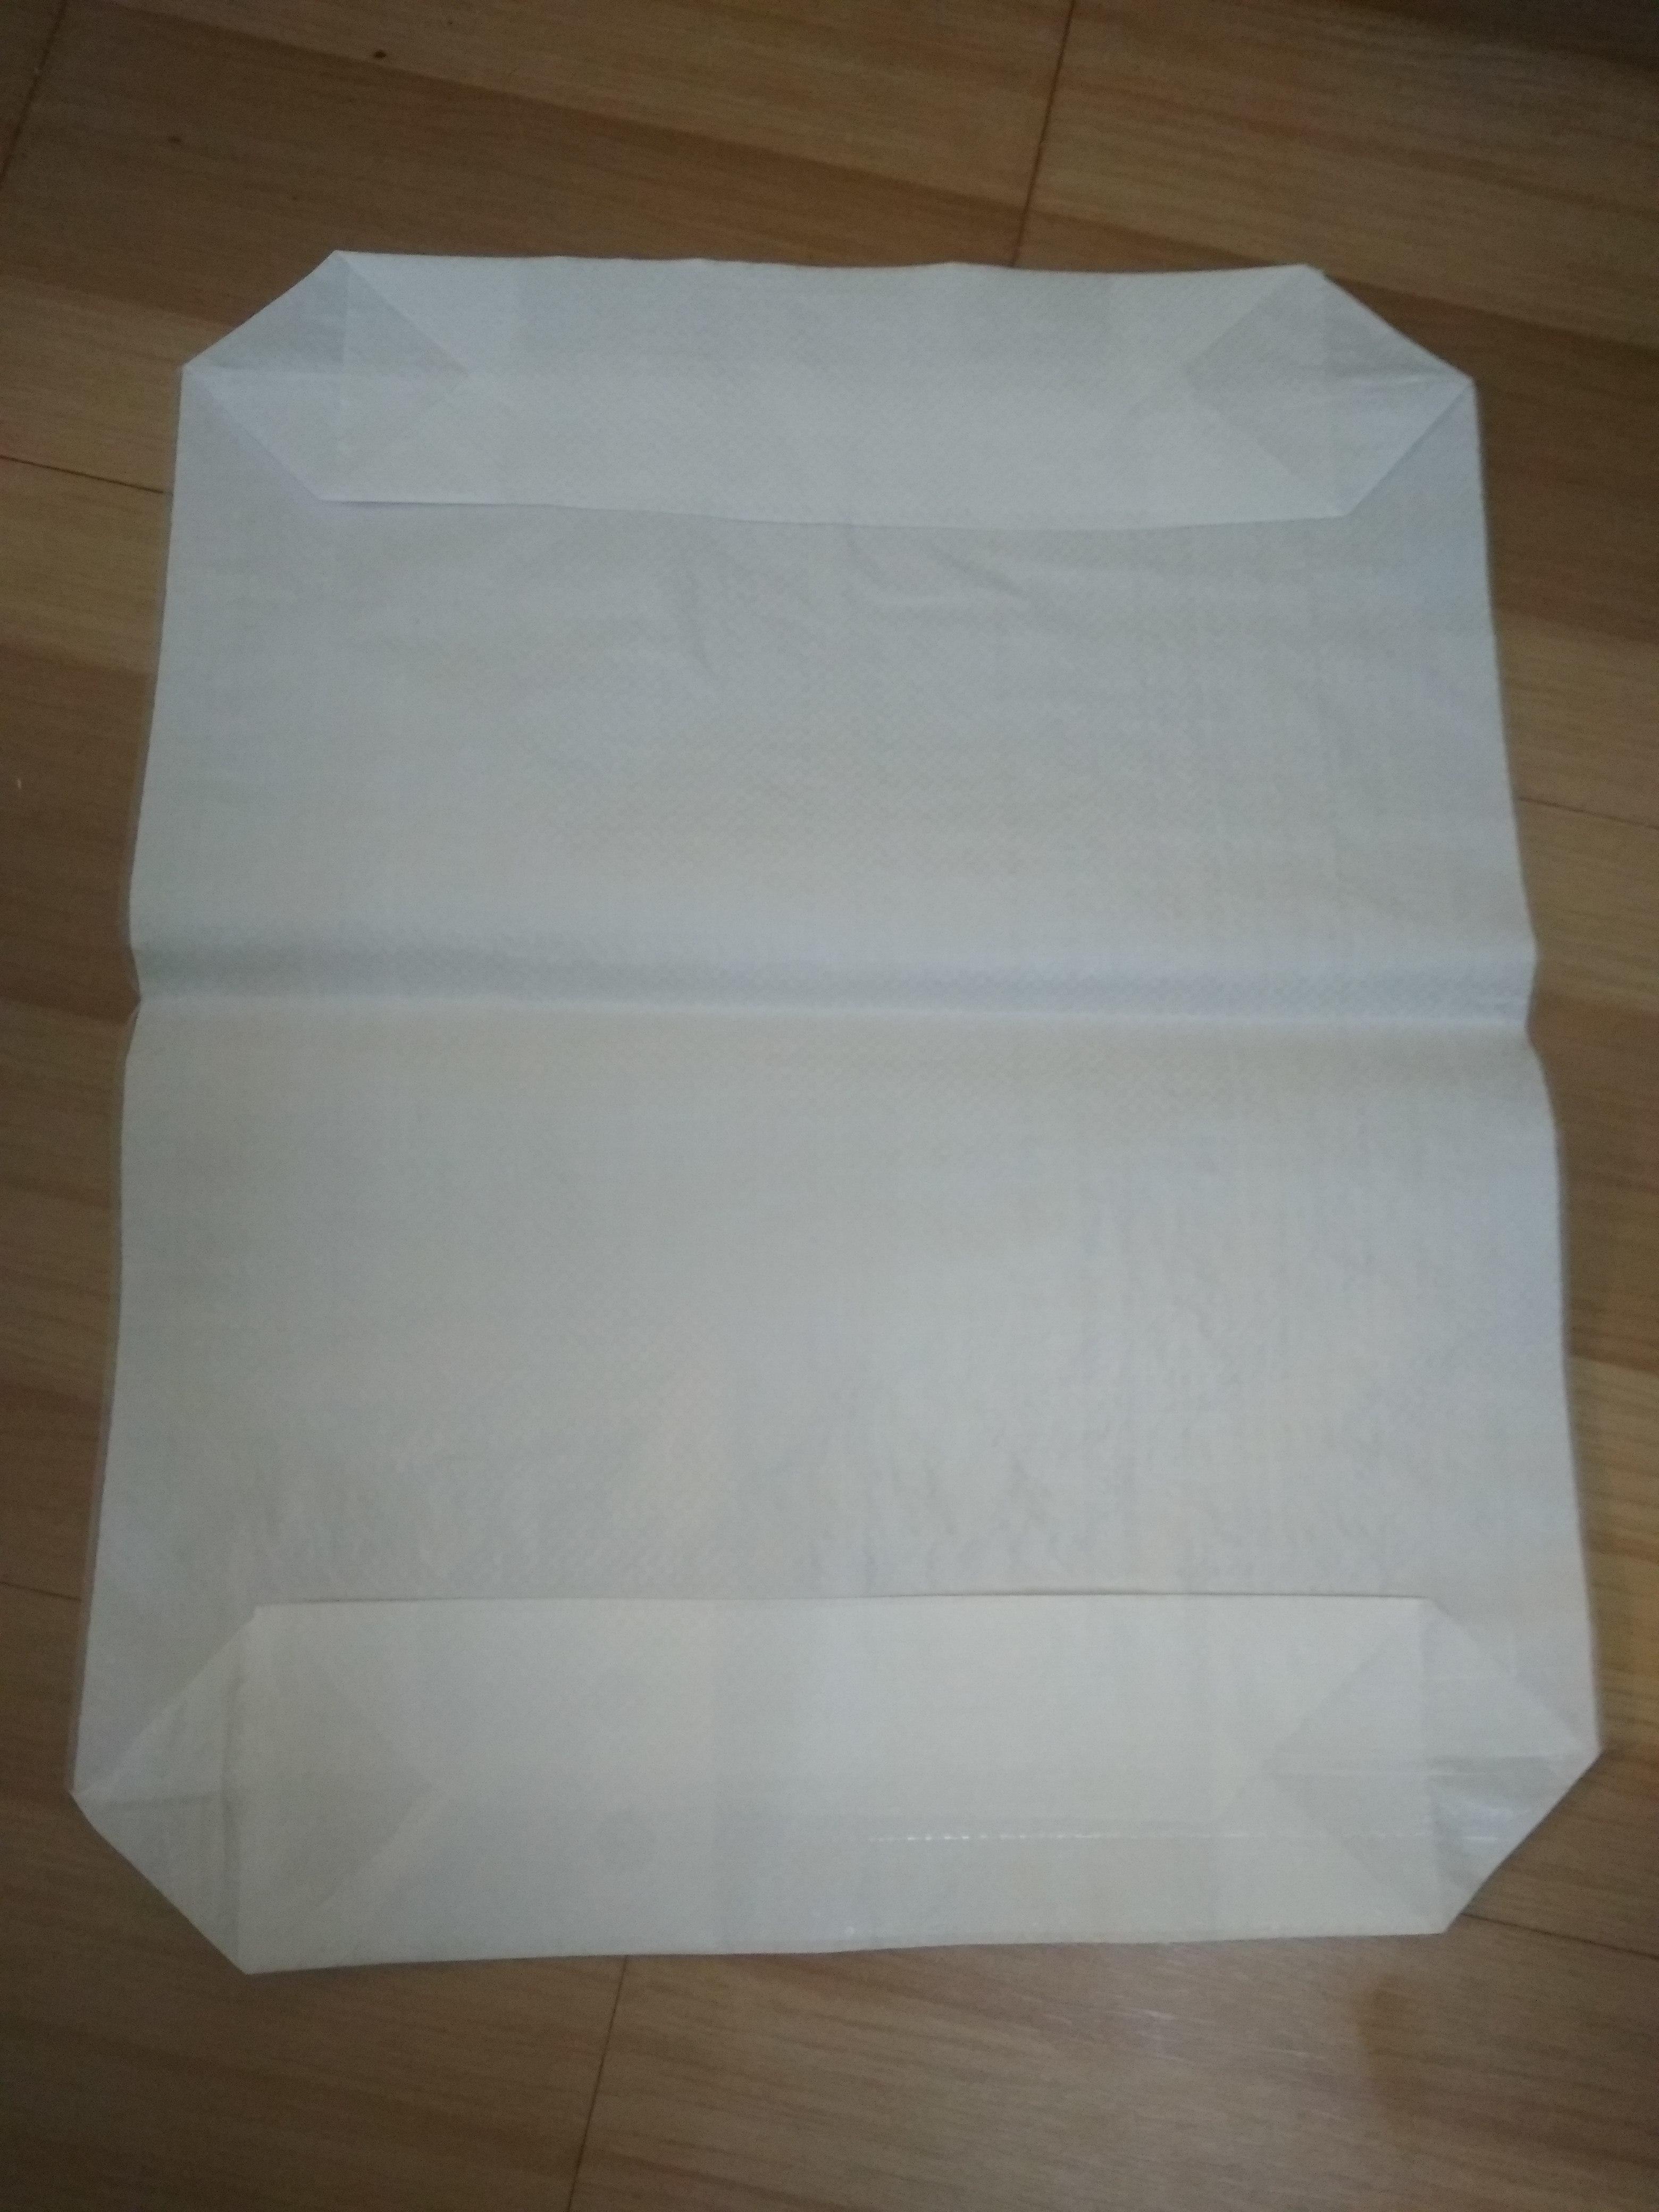 Flour Packing PP Woven Sacks